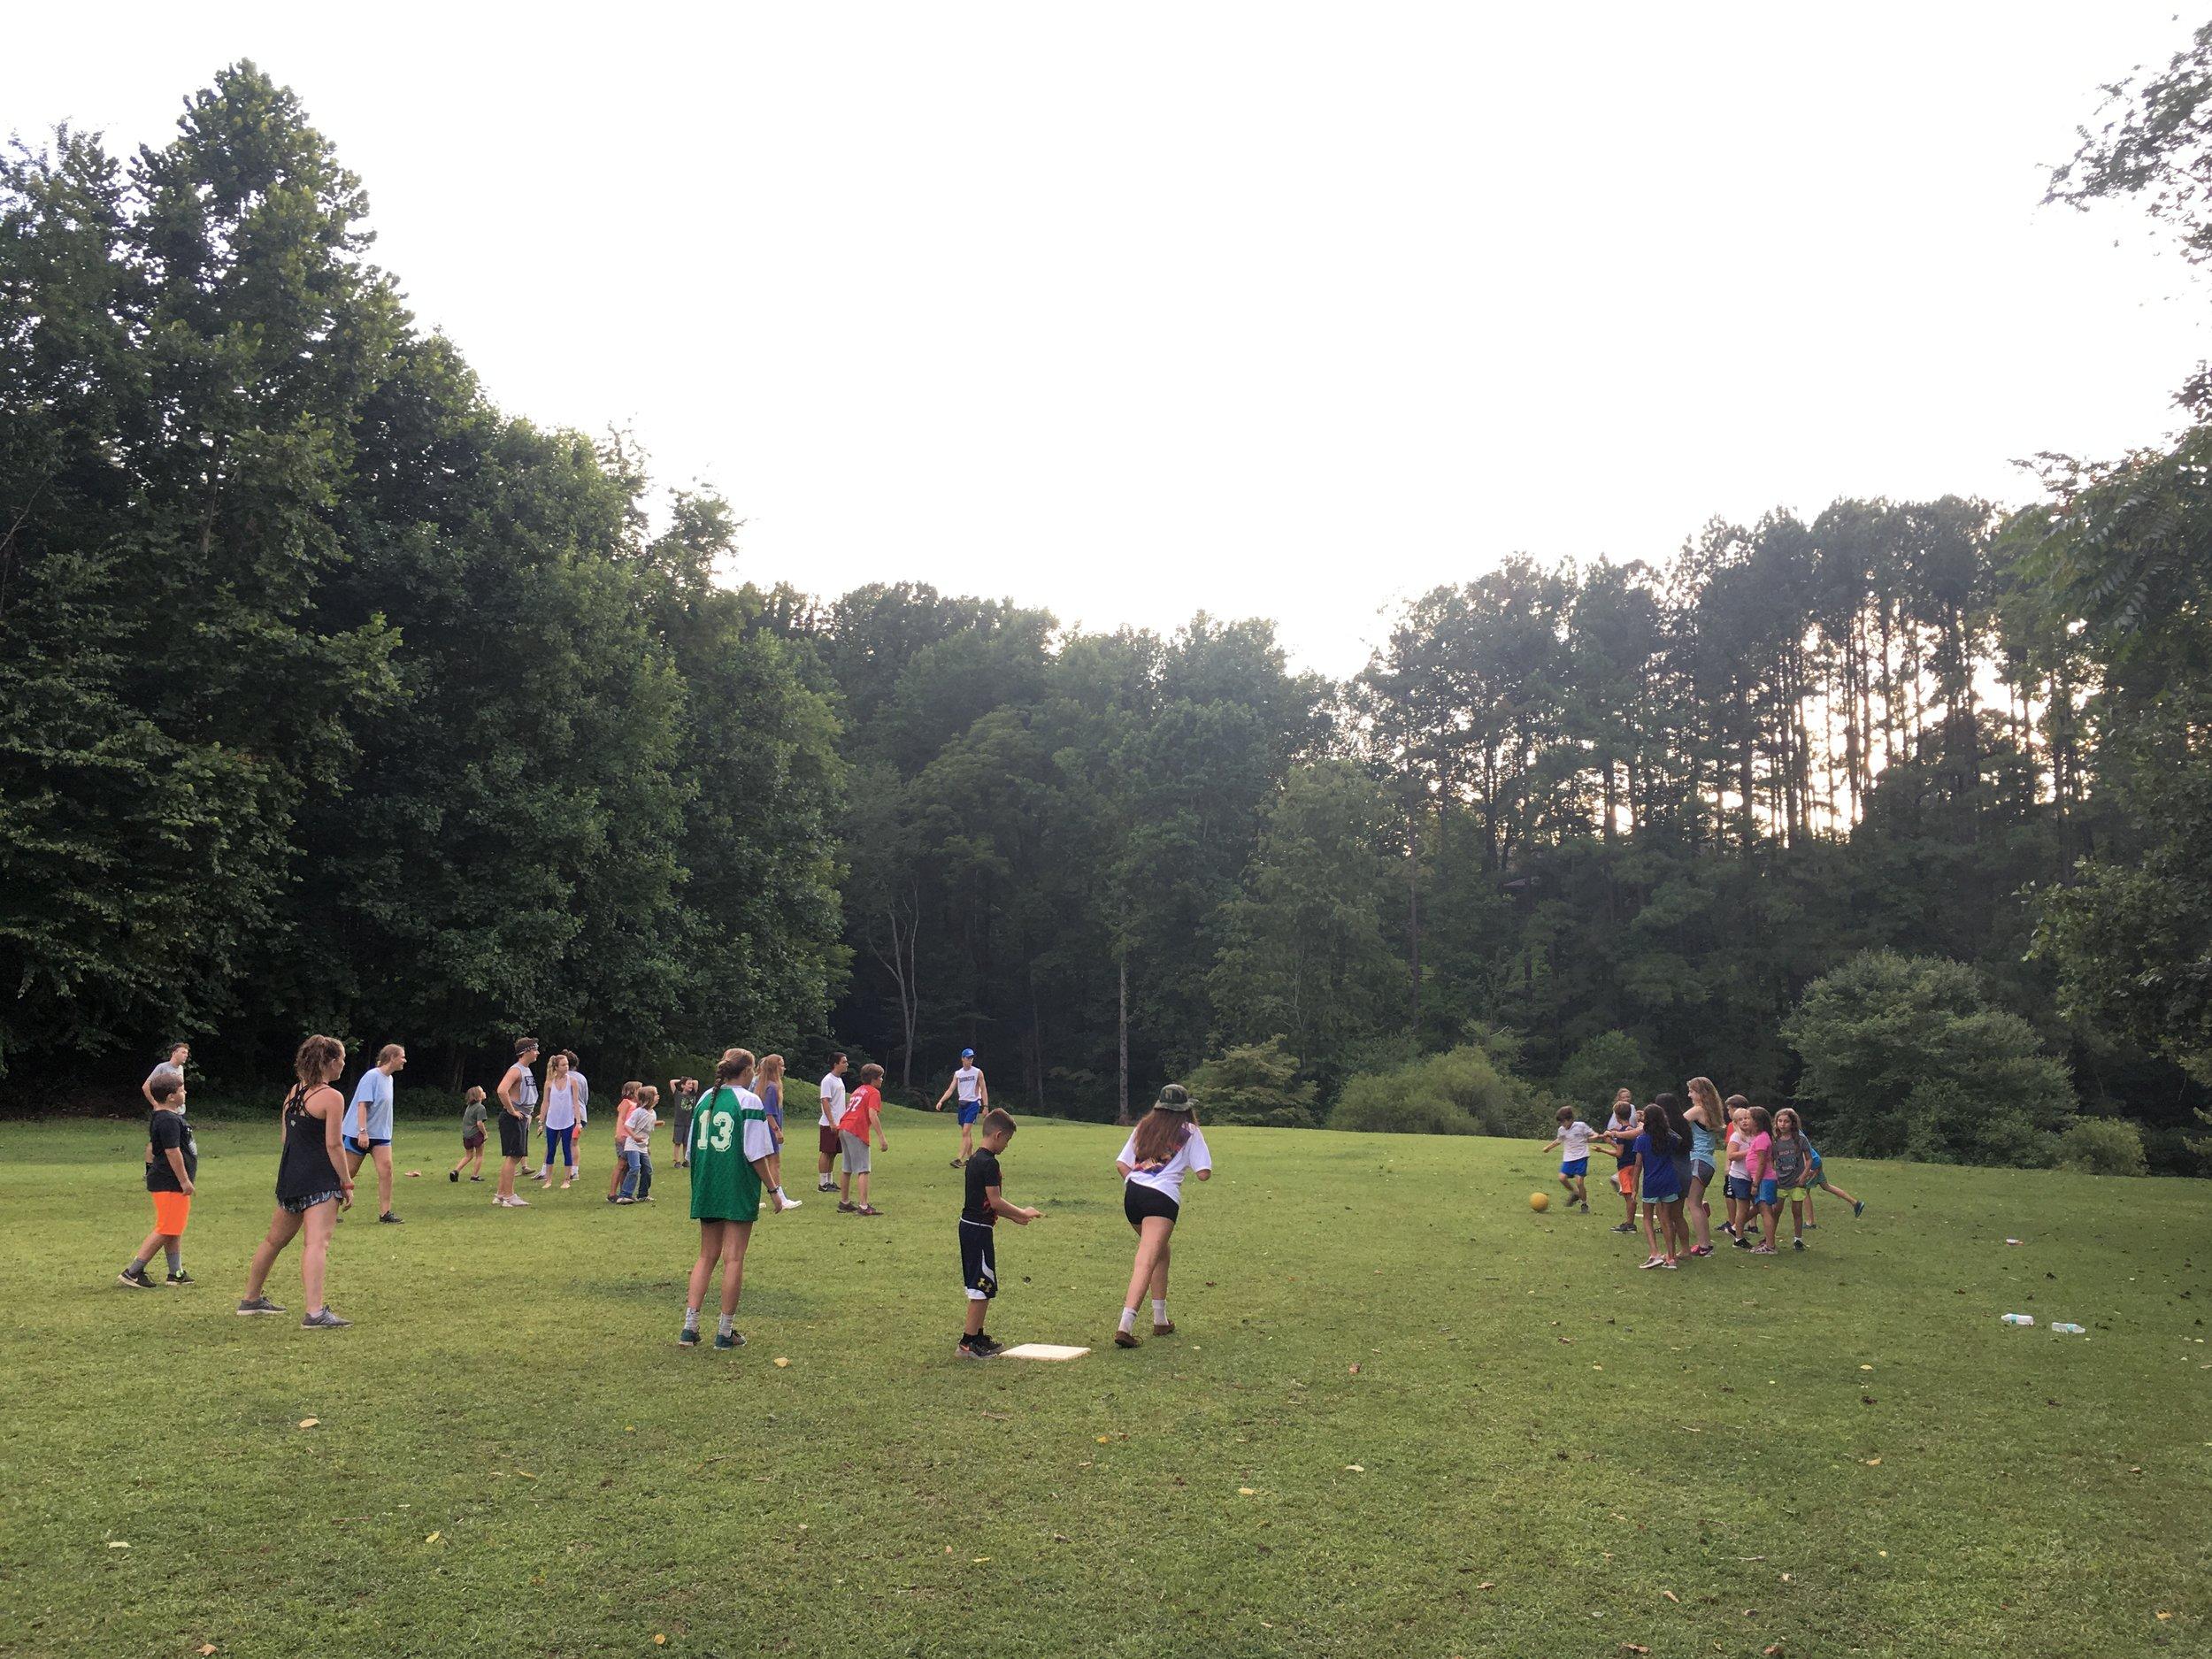 campers field.JPG